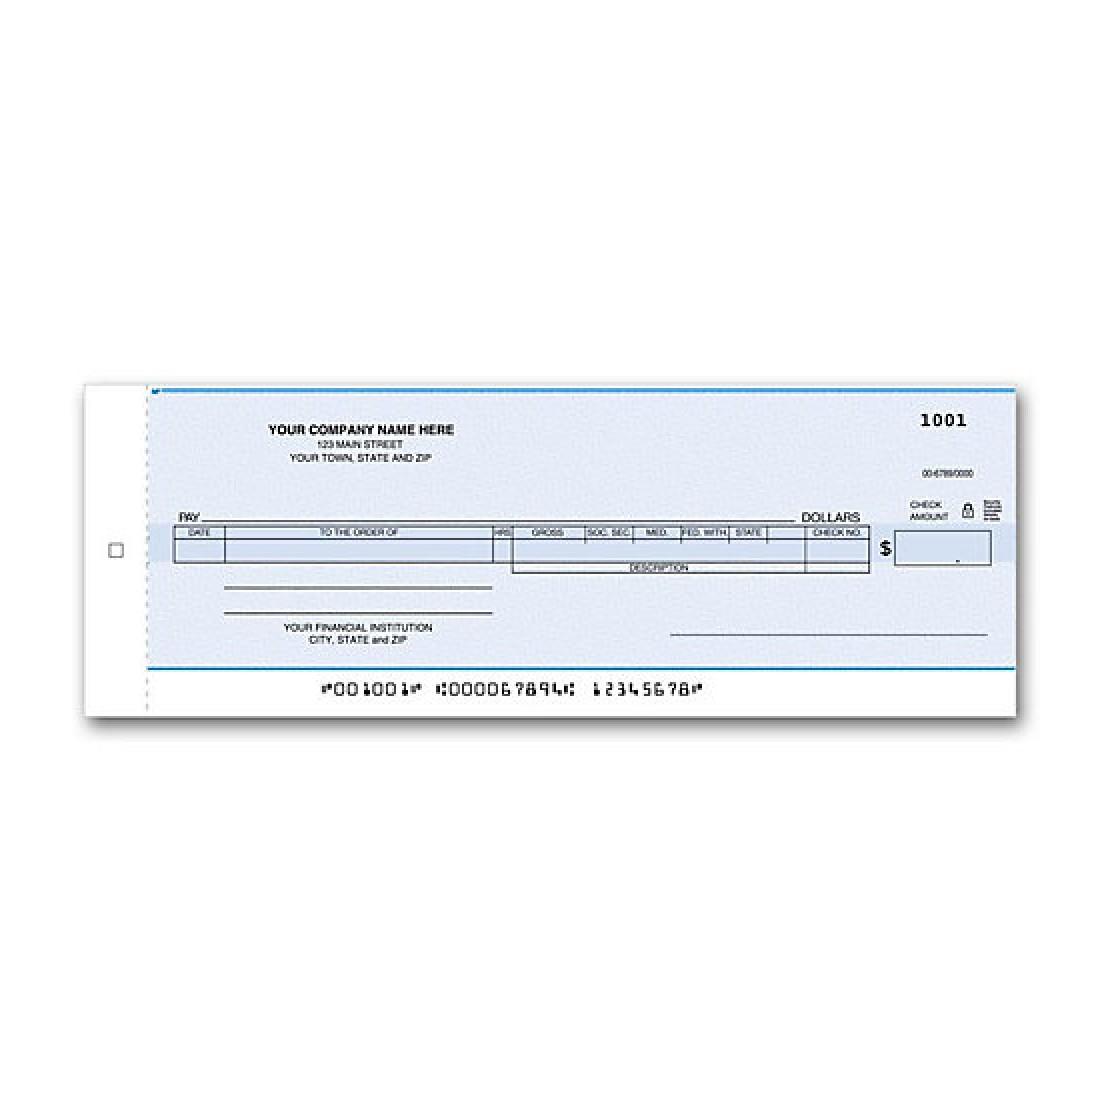 Payroll/General Disbursement Center Check